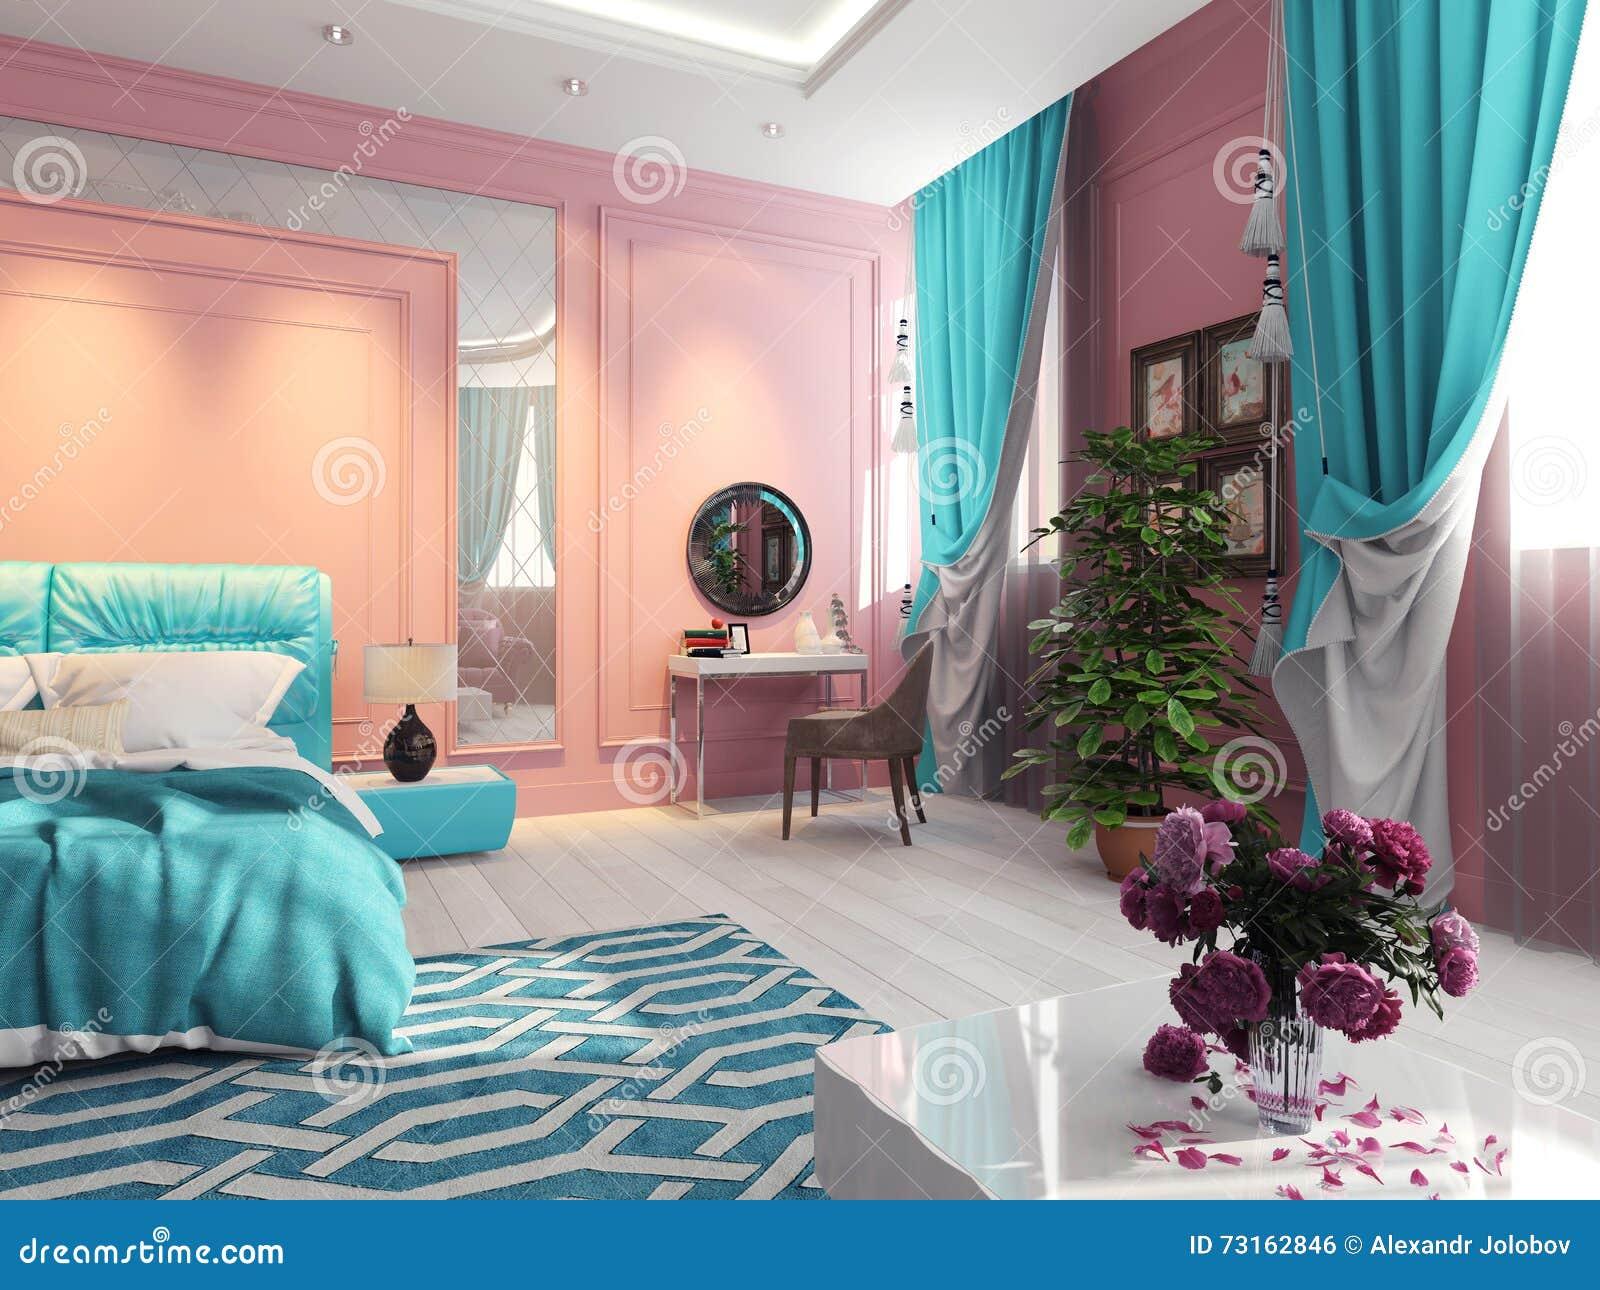 Camere Da Letto Turchese : Camera da letto interna con le tende del turchese fotografia stock